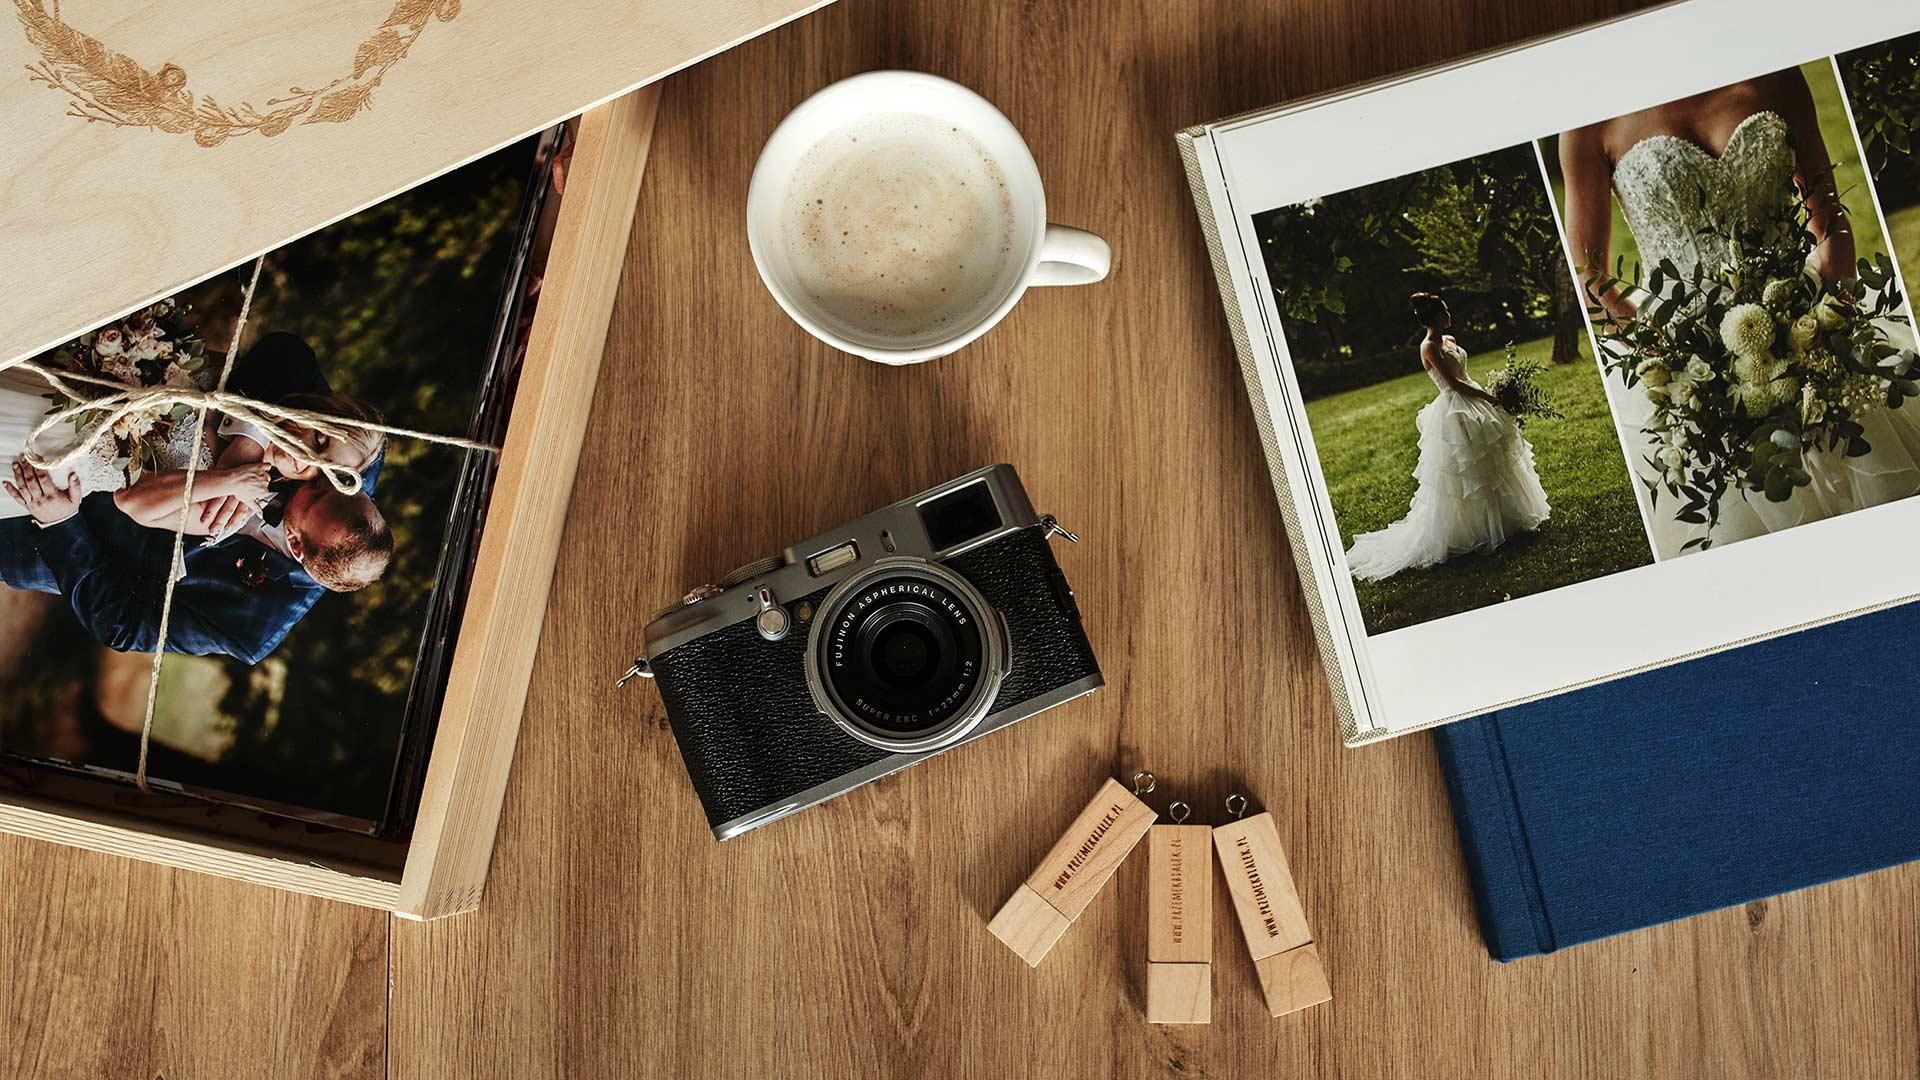 akcesoria fotgraficzne, albumy ślubne i odbitki